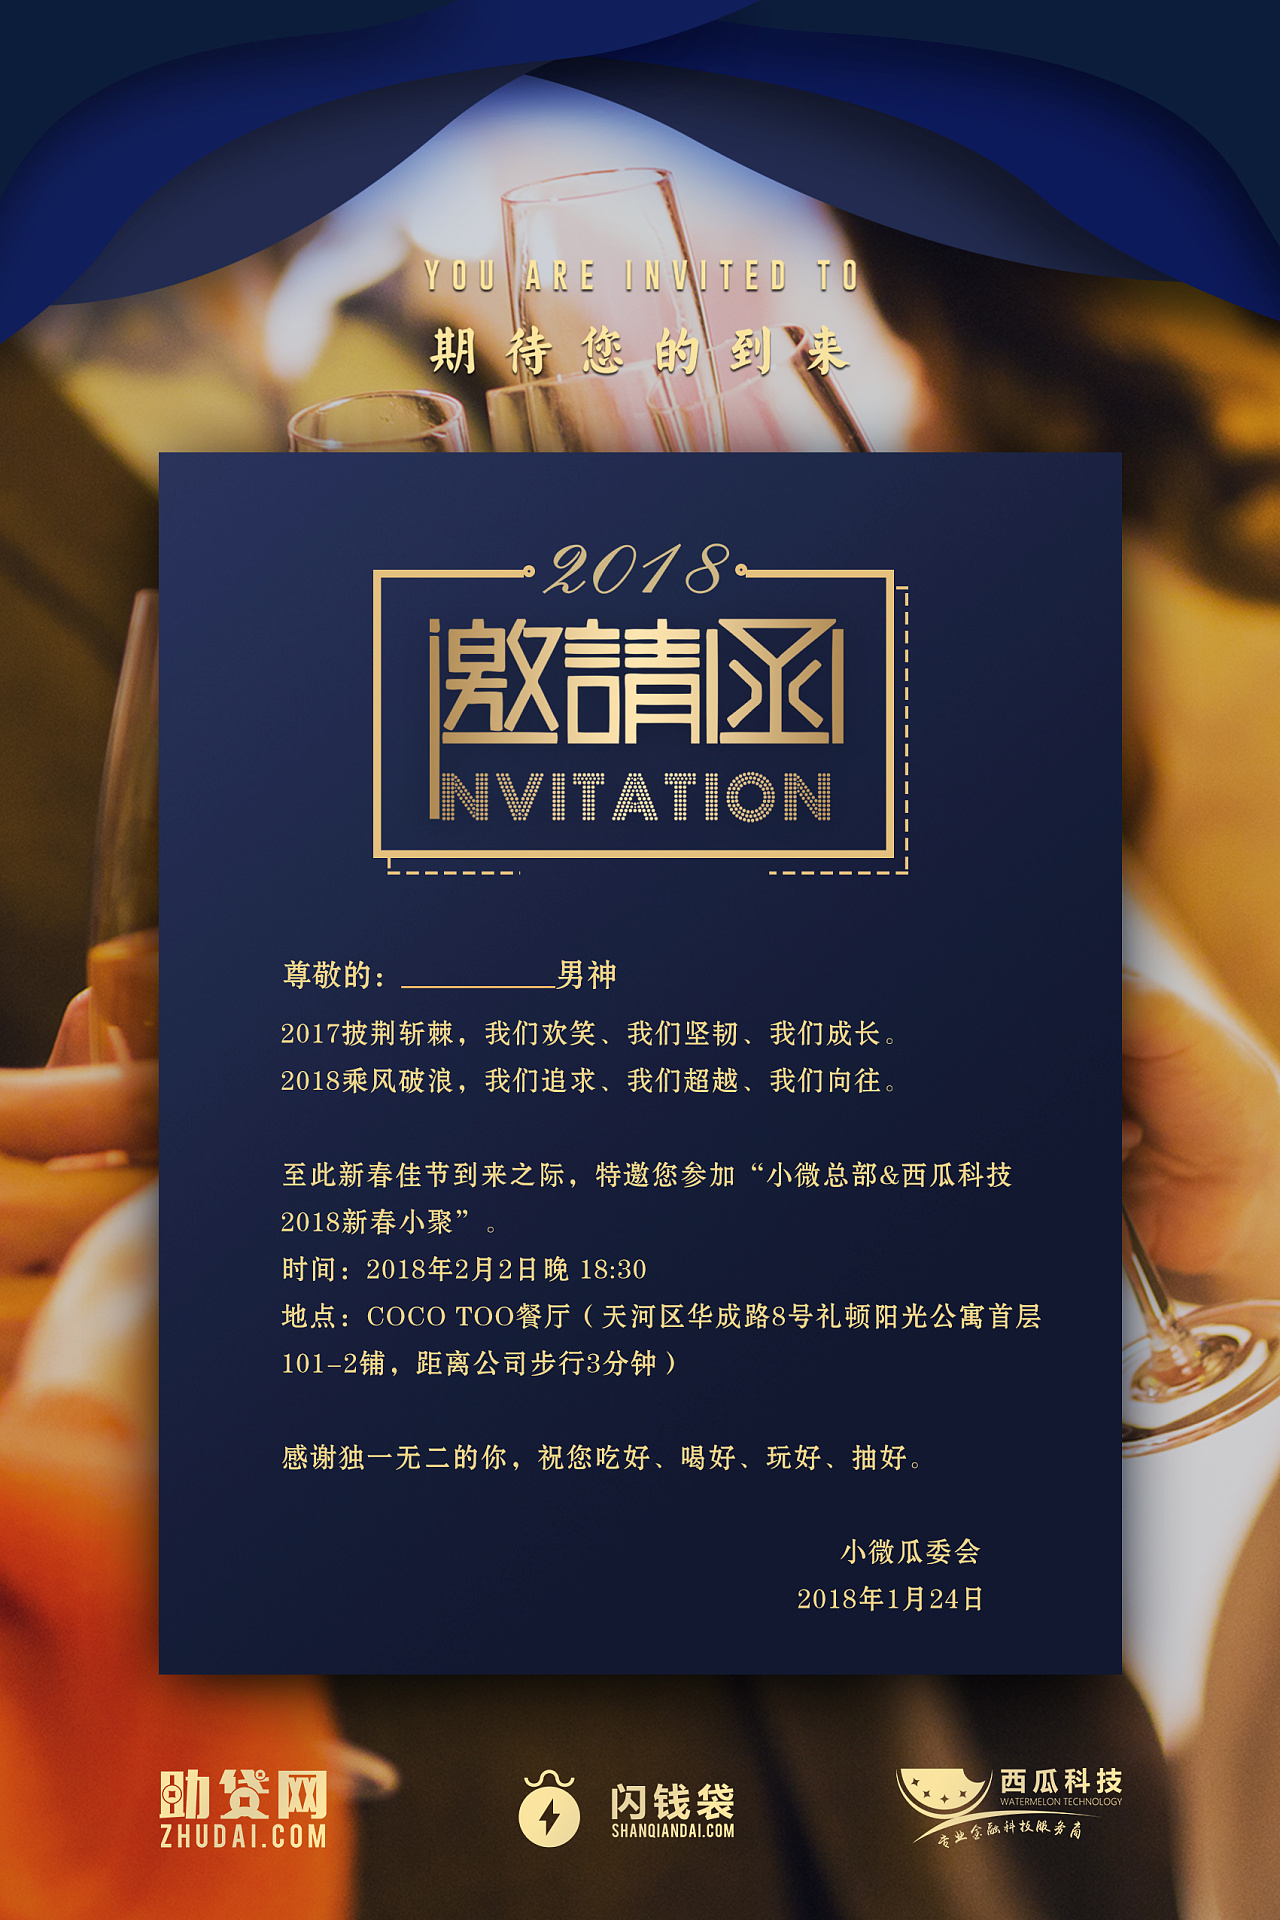 vb6 0 中文 企业 版